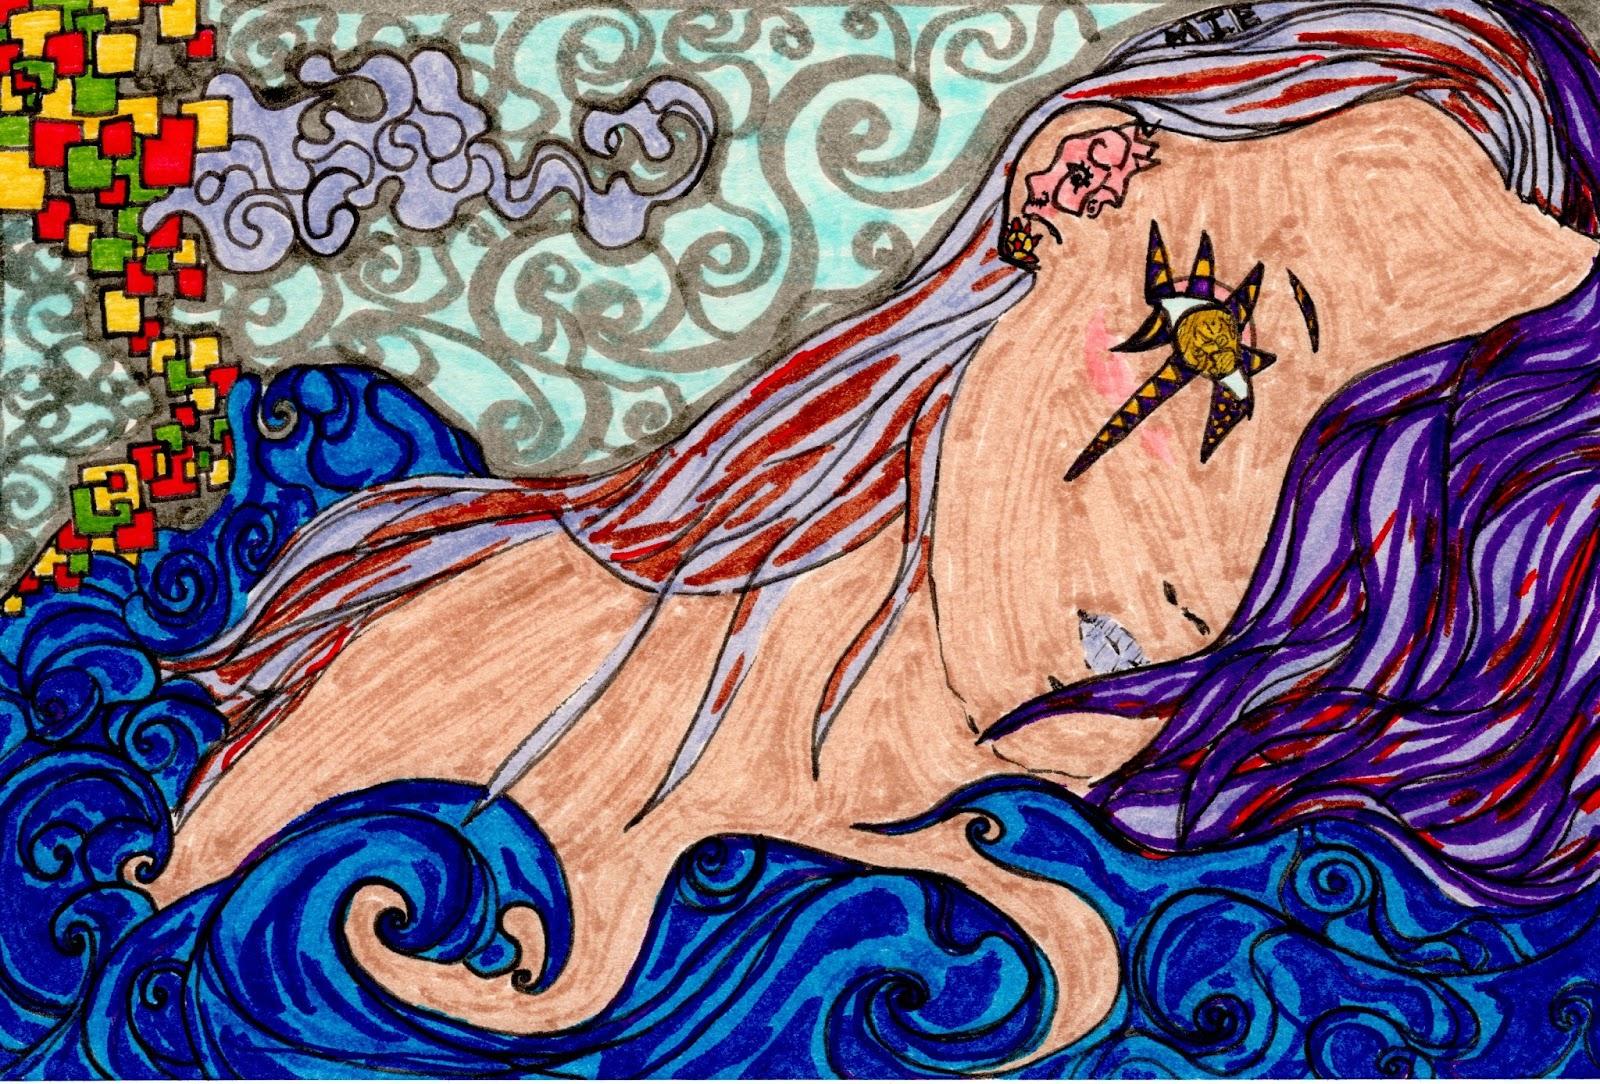 横たわる少女は月を見てる / Girl lying is looking at the moon